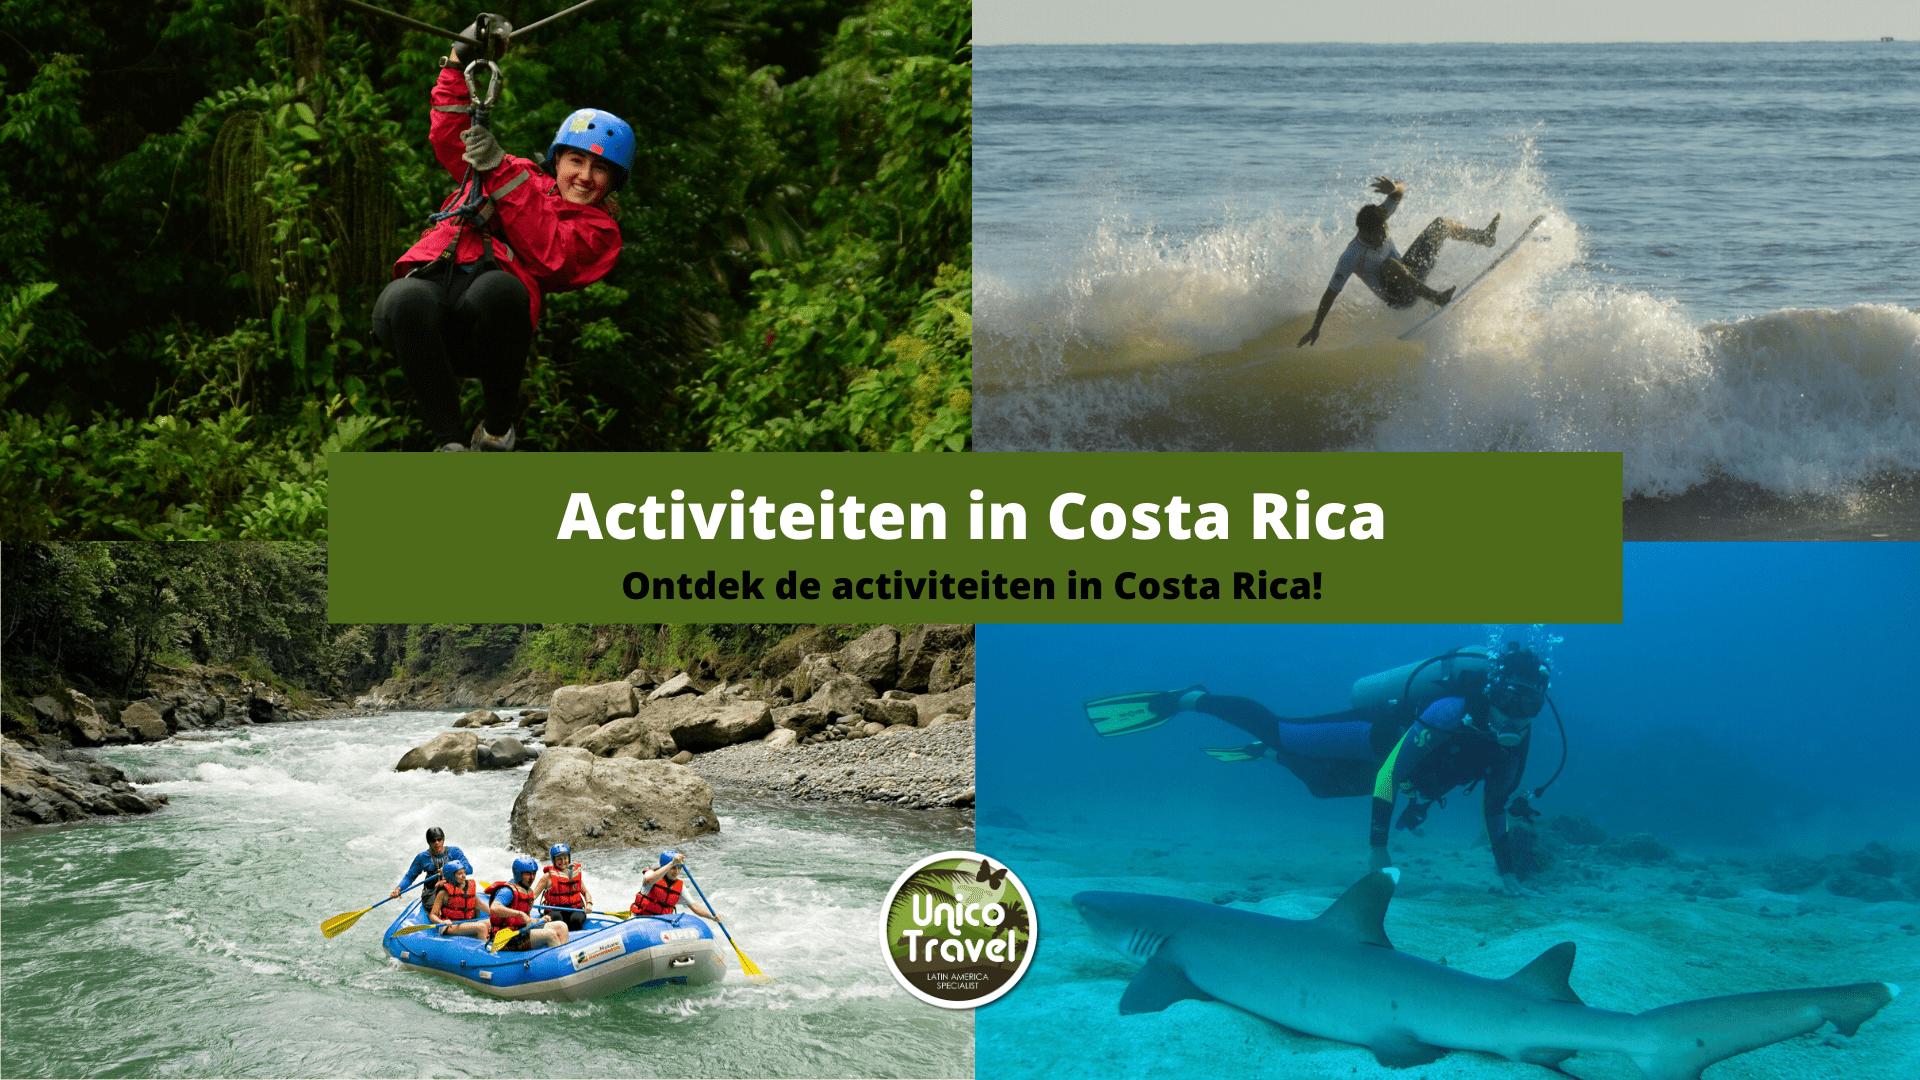 Activiteiten in Costa Rica 11